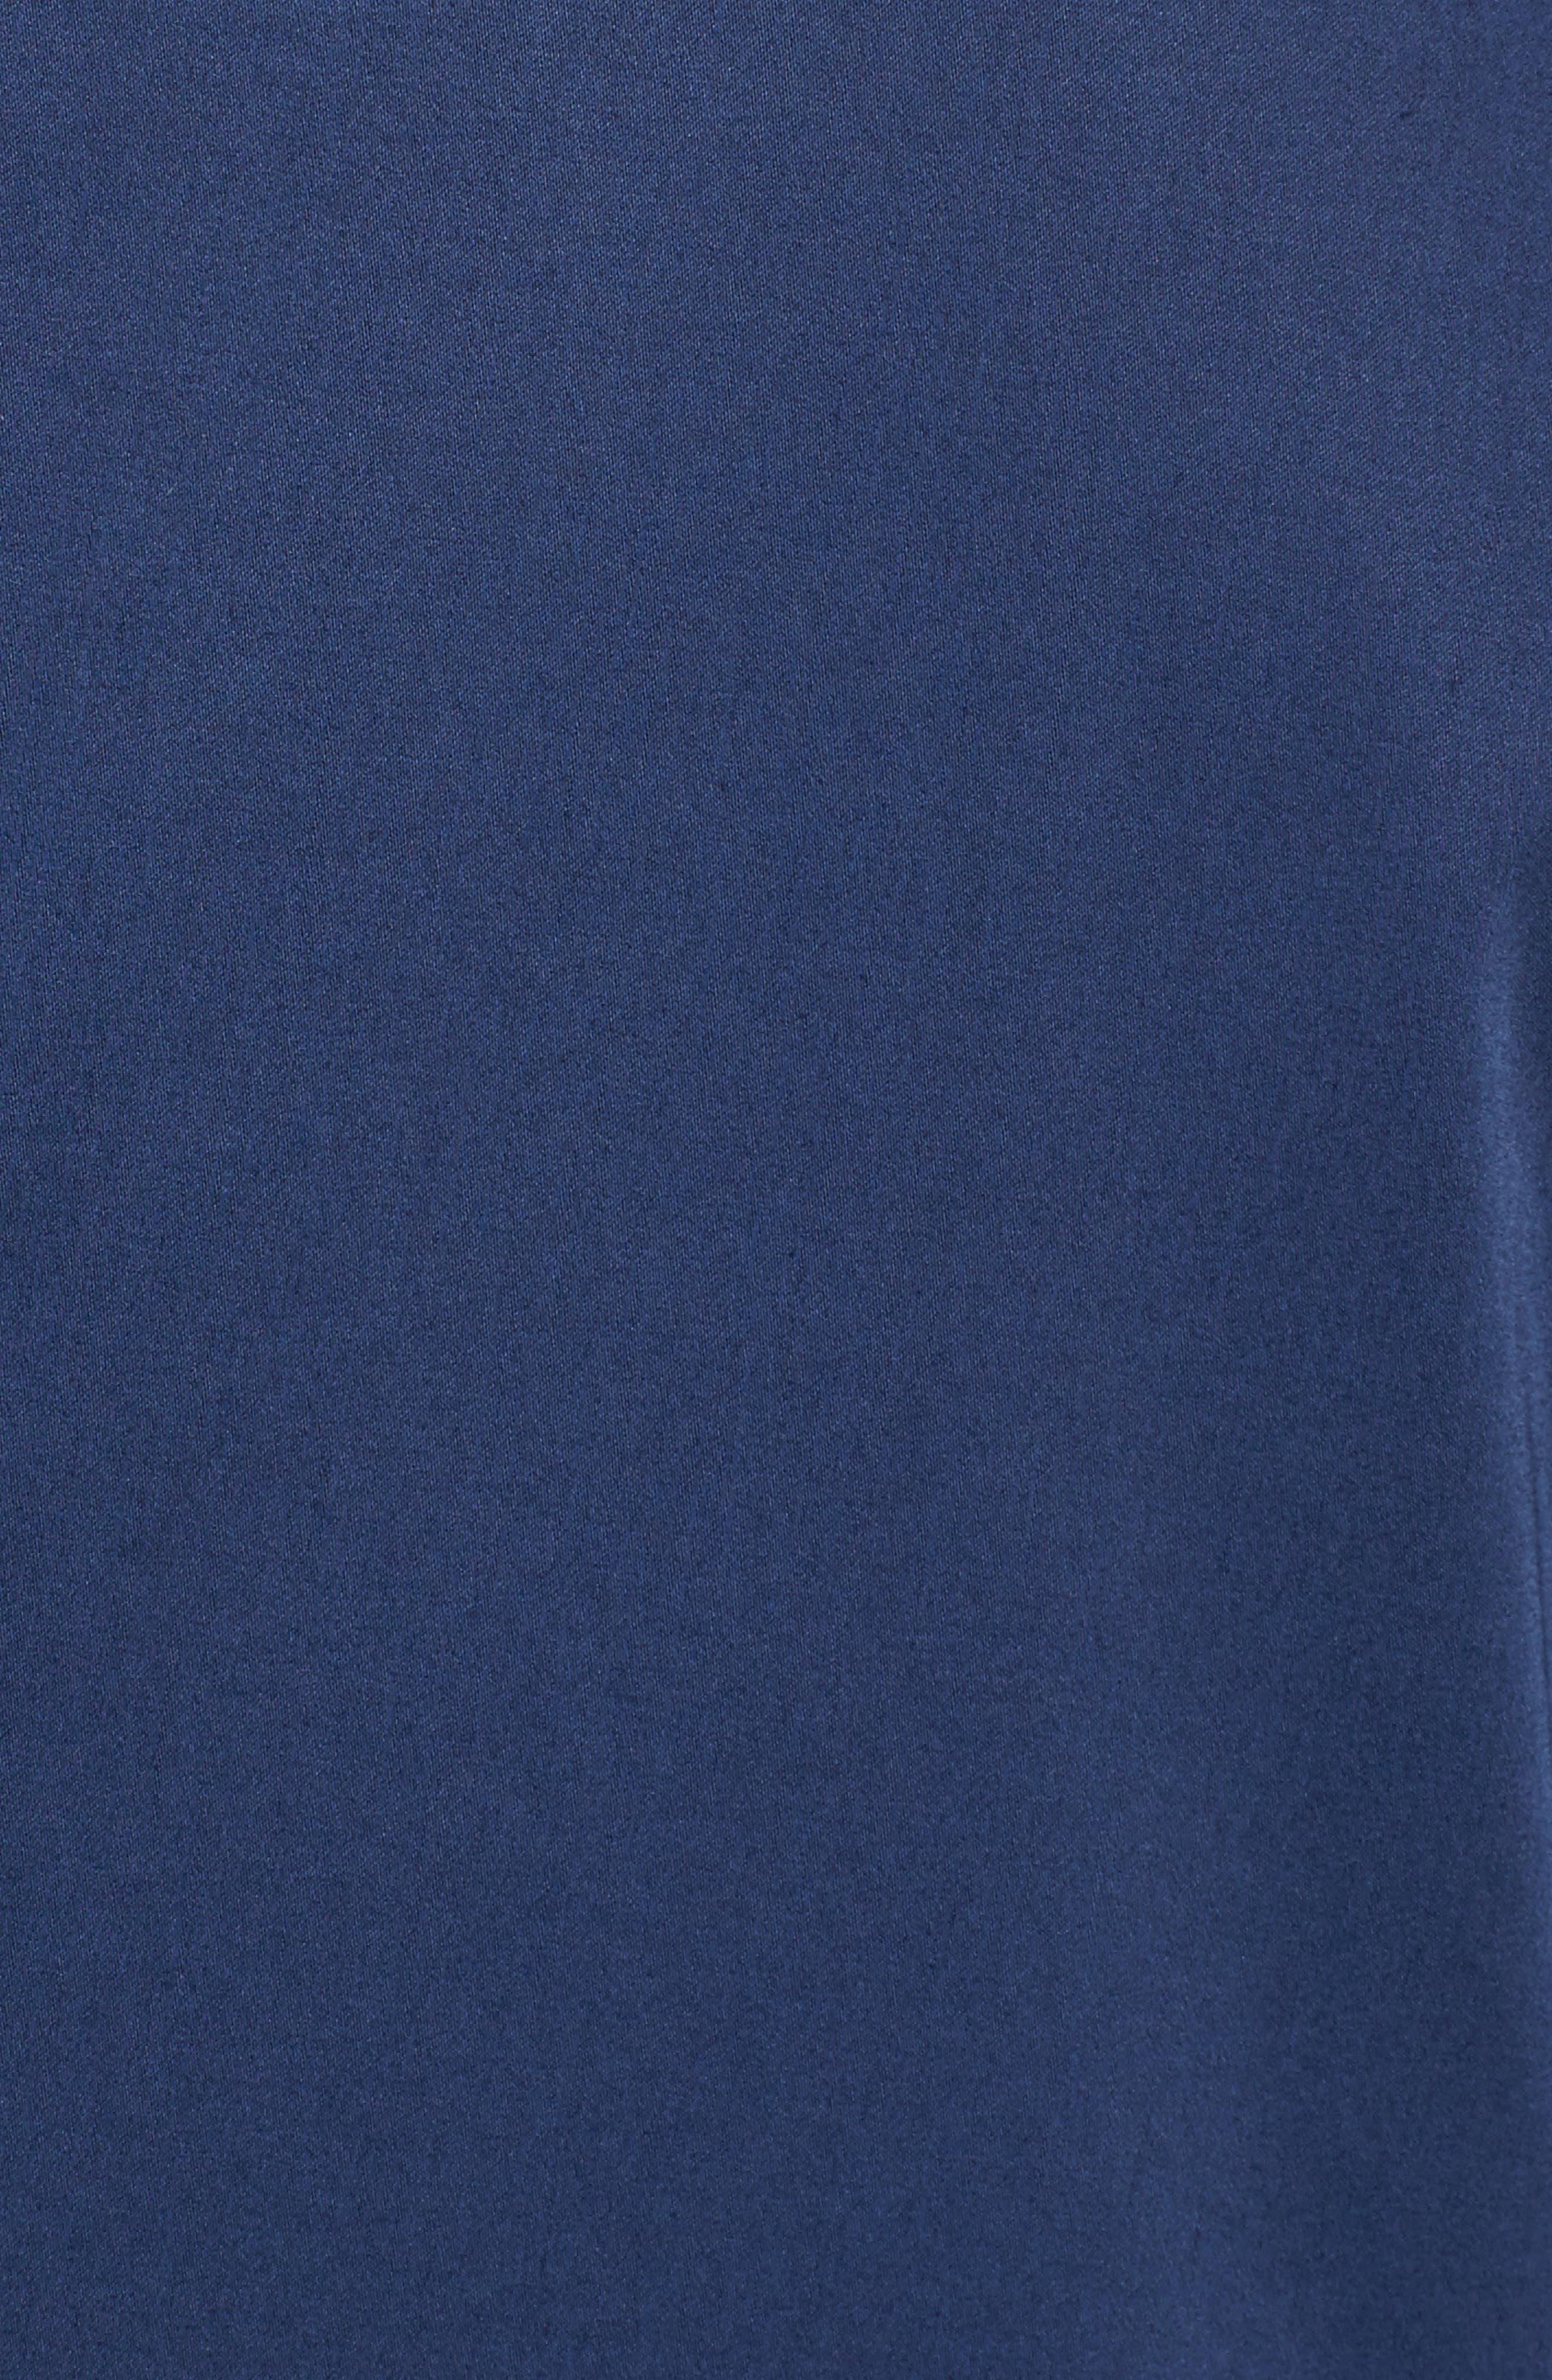 Trim Fit Stretch Cotton Blazer,                             Alternate thumbnail 6, color,                             400